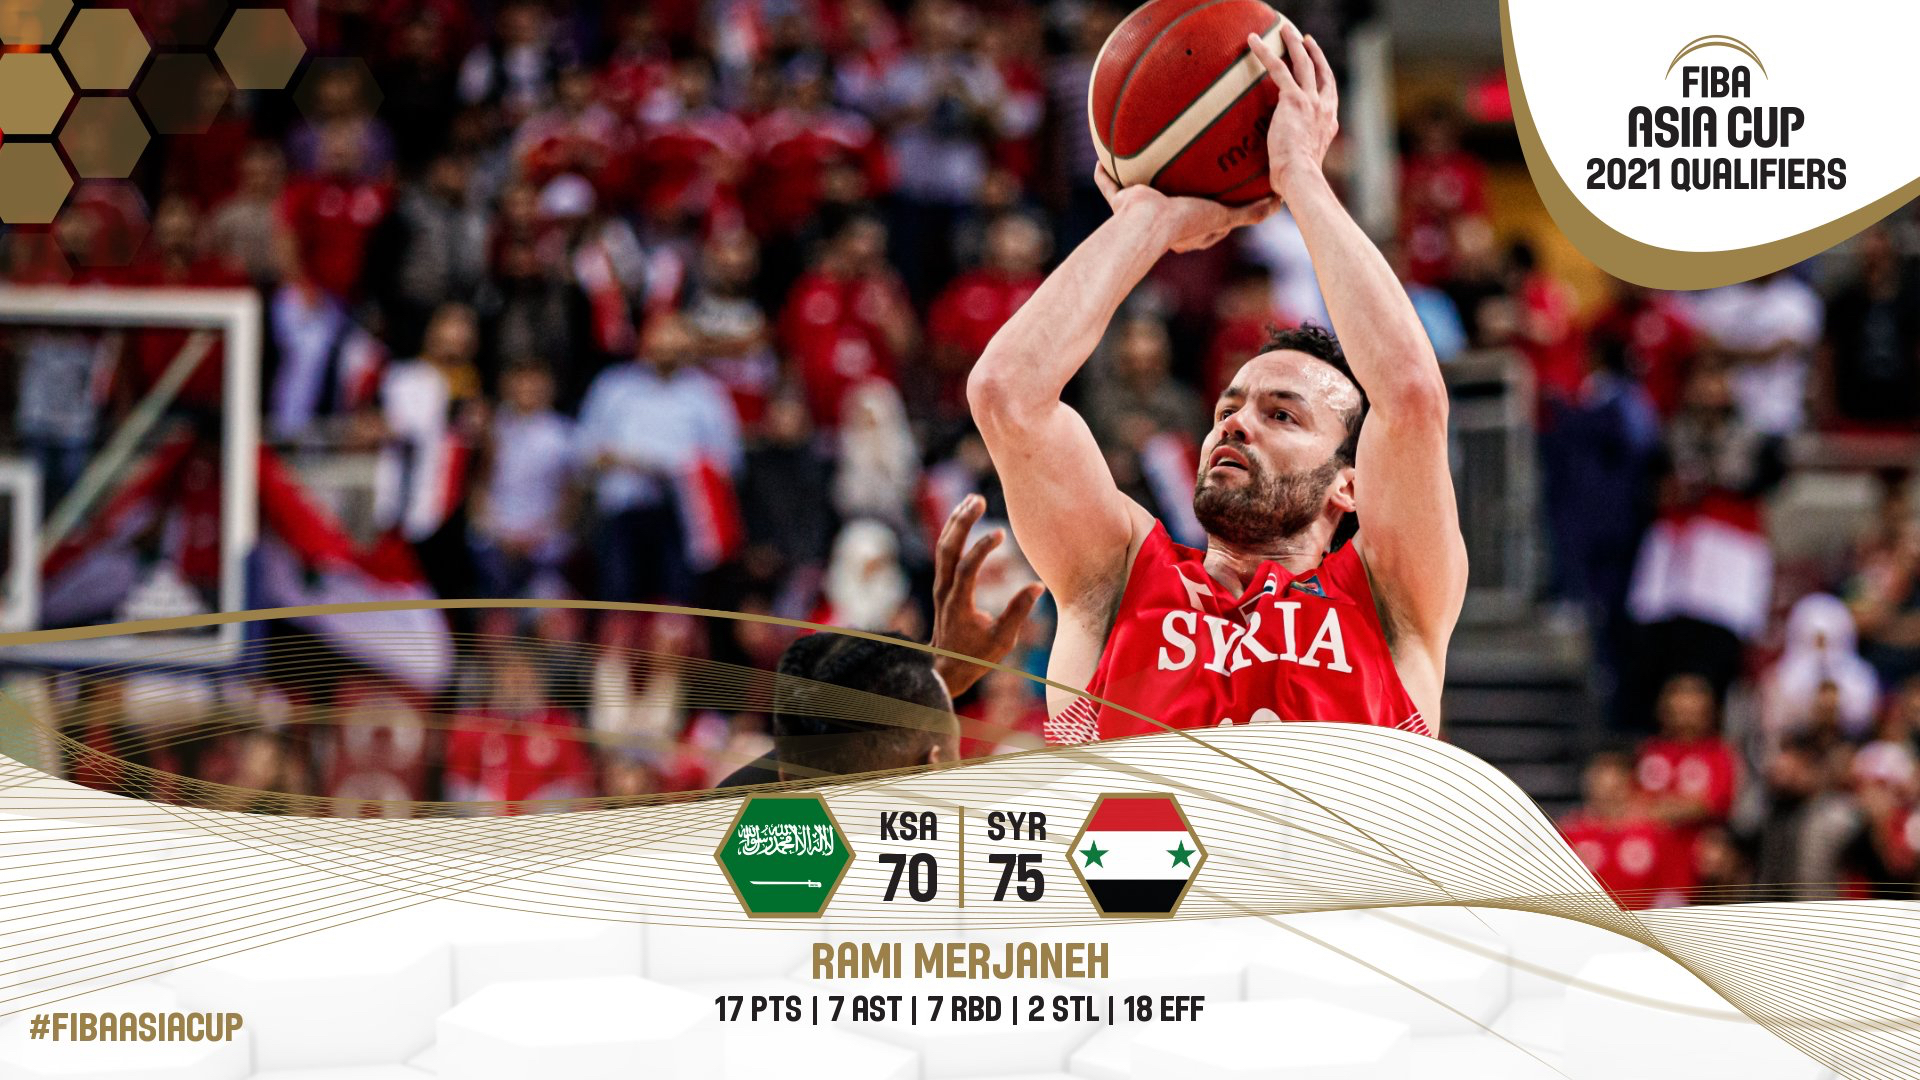 ملخص مباراة المنتخب السوري مع المنتخب السعودي في تصفيات آسيا لكرة السلة 2021